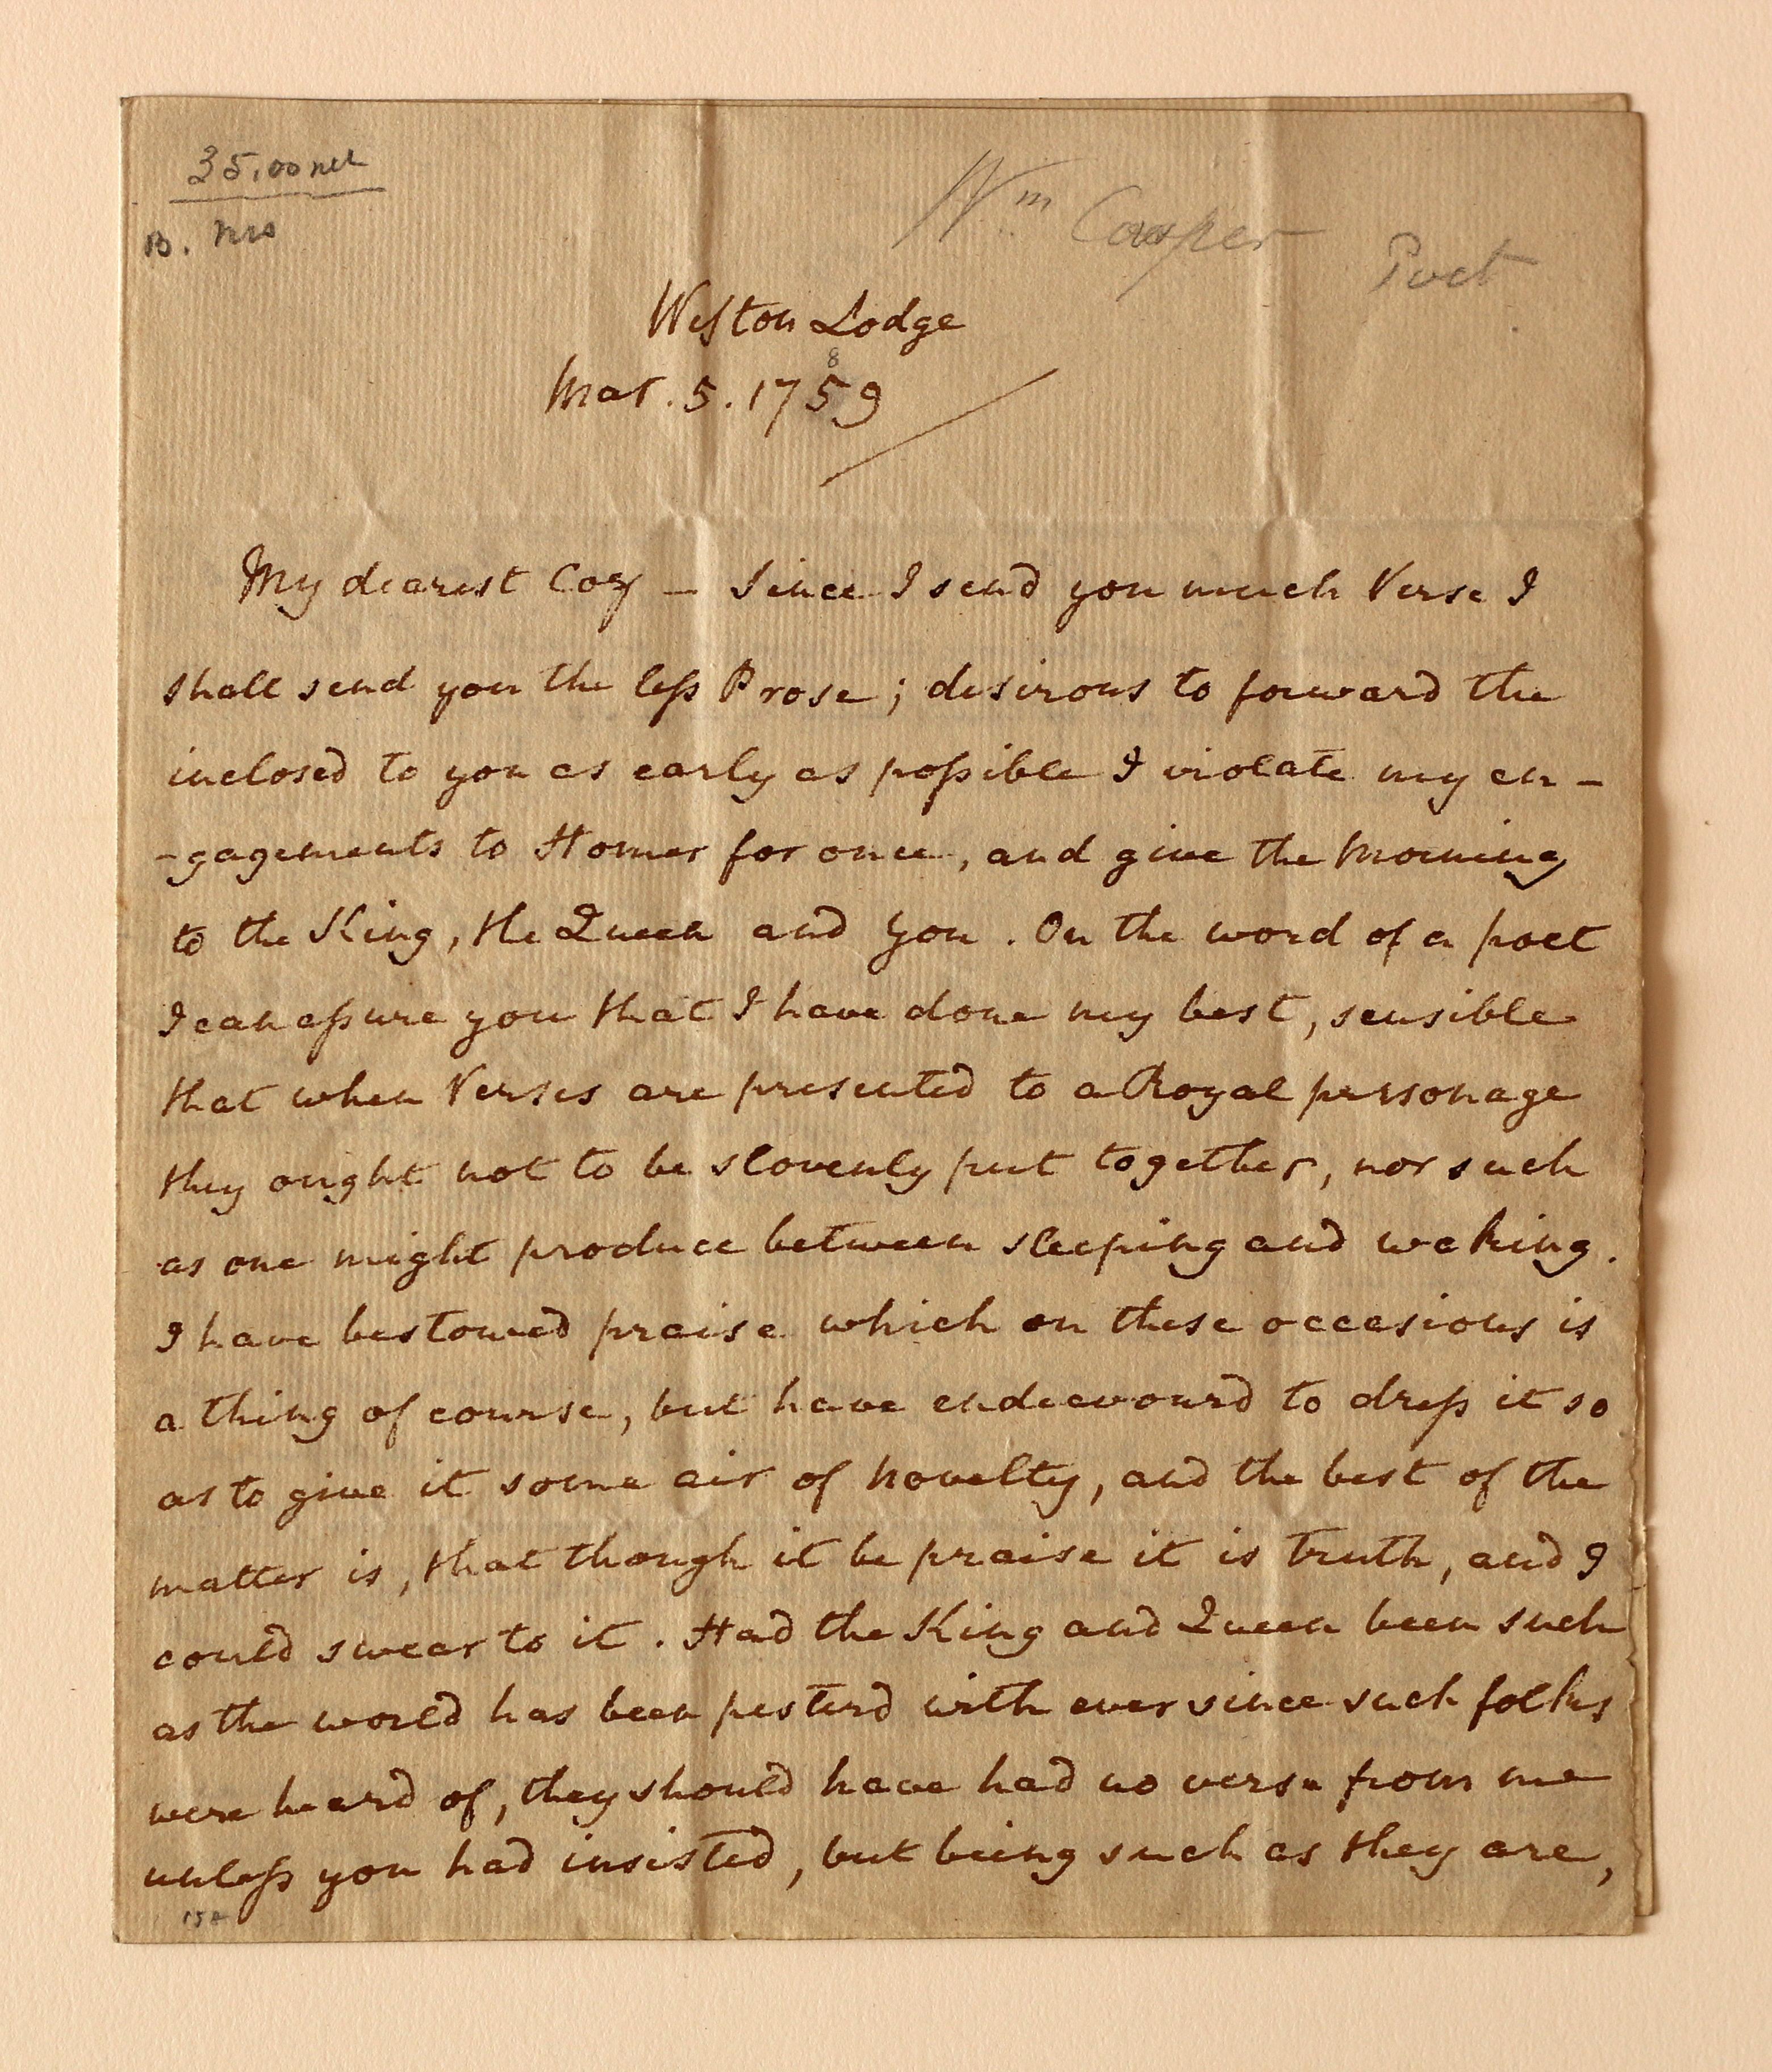 Cowper Letter 1